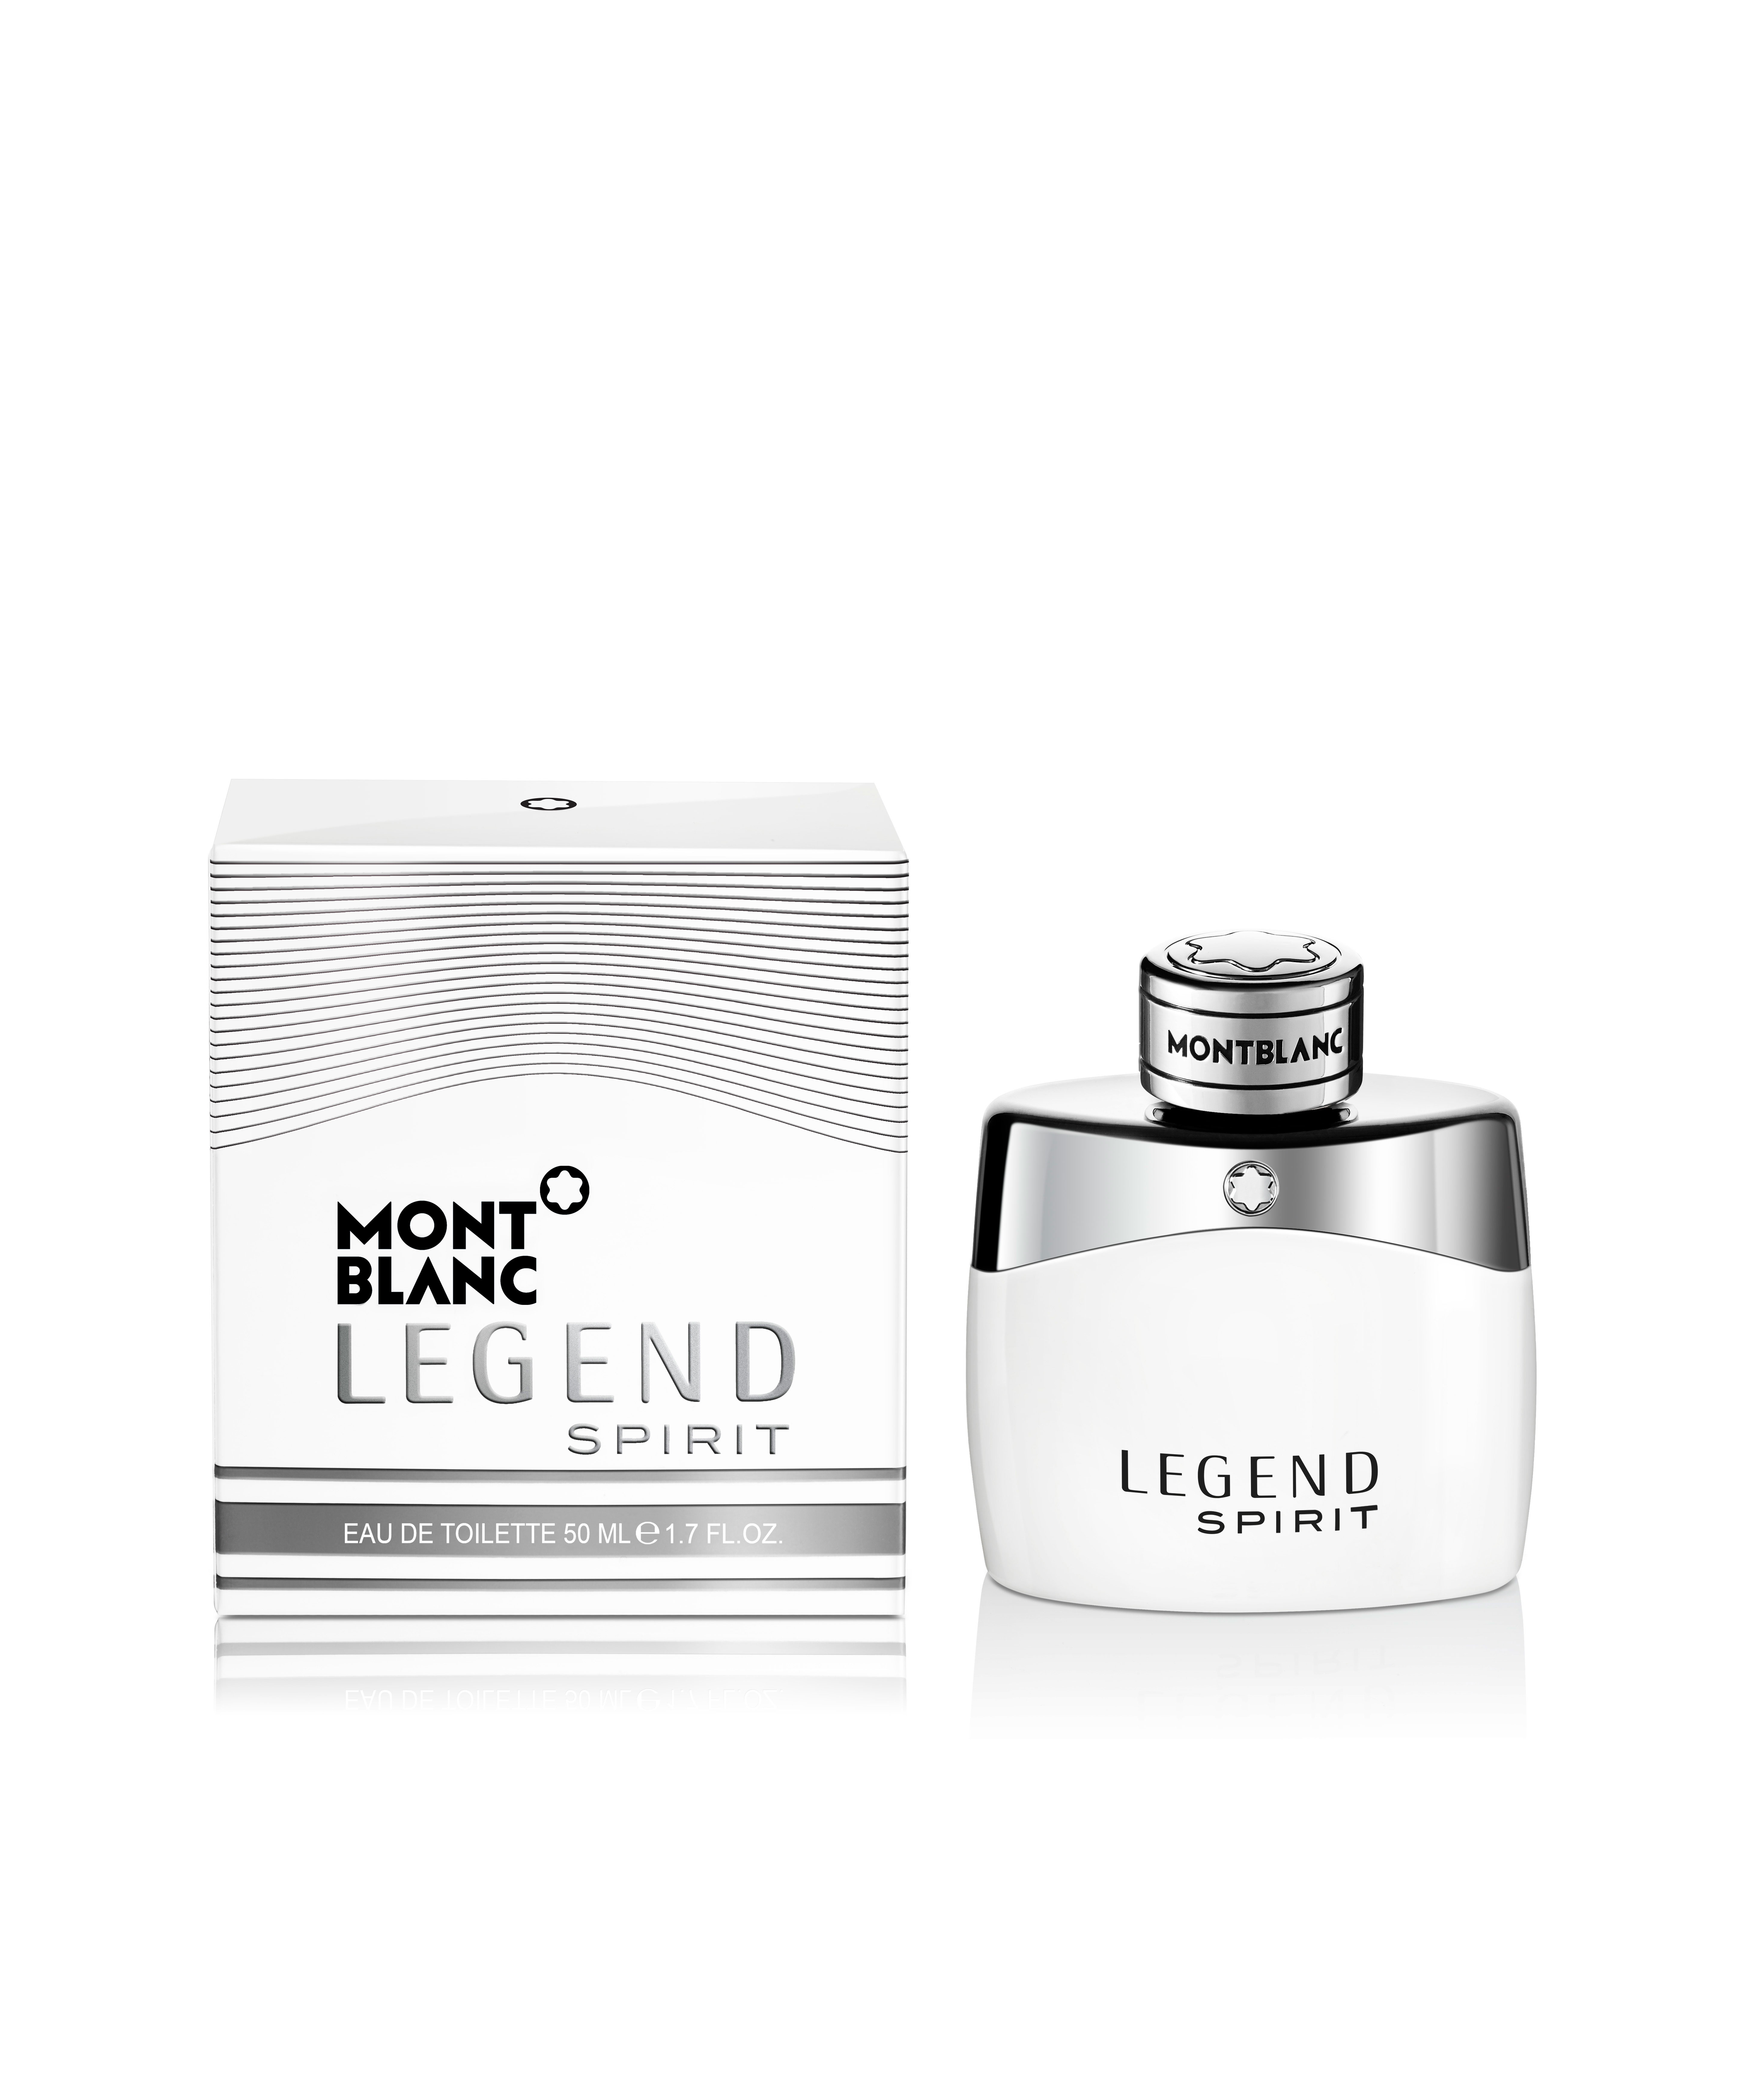 Mont Blanc Legend Spirit EDT, 50 ml